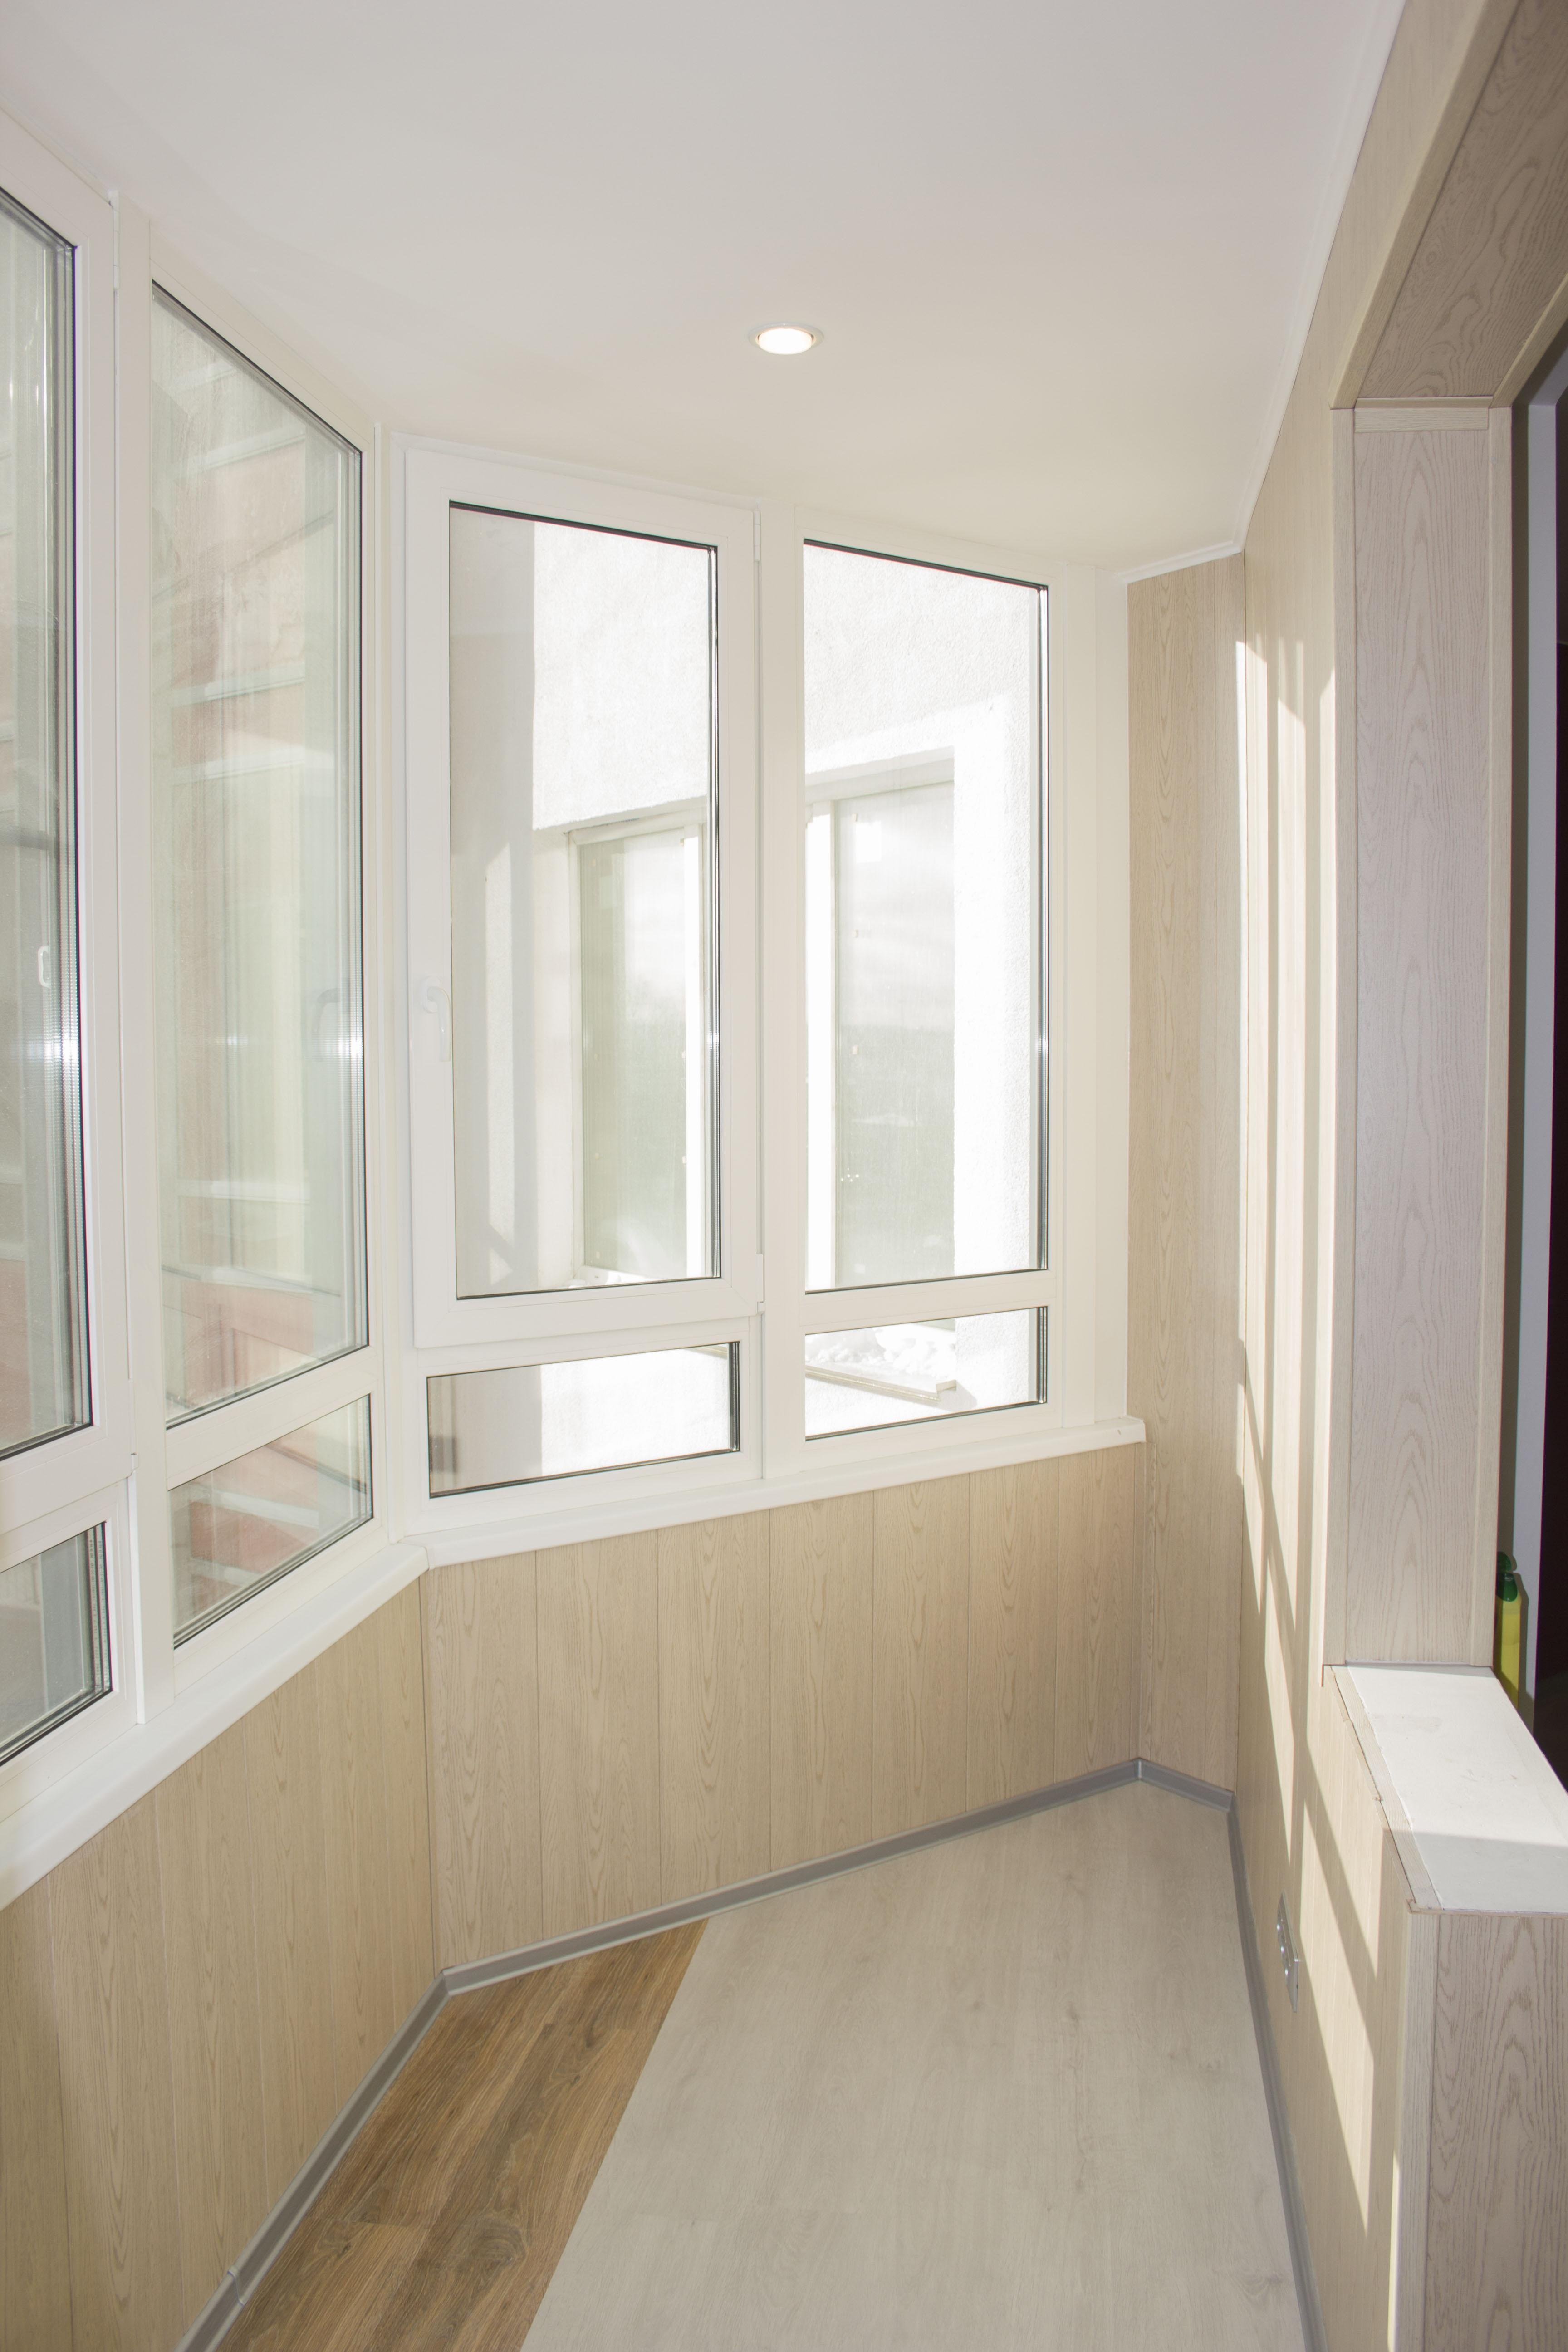 Ремонт балкона с утеплением - Прораб Нева